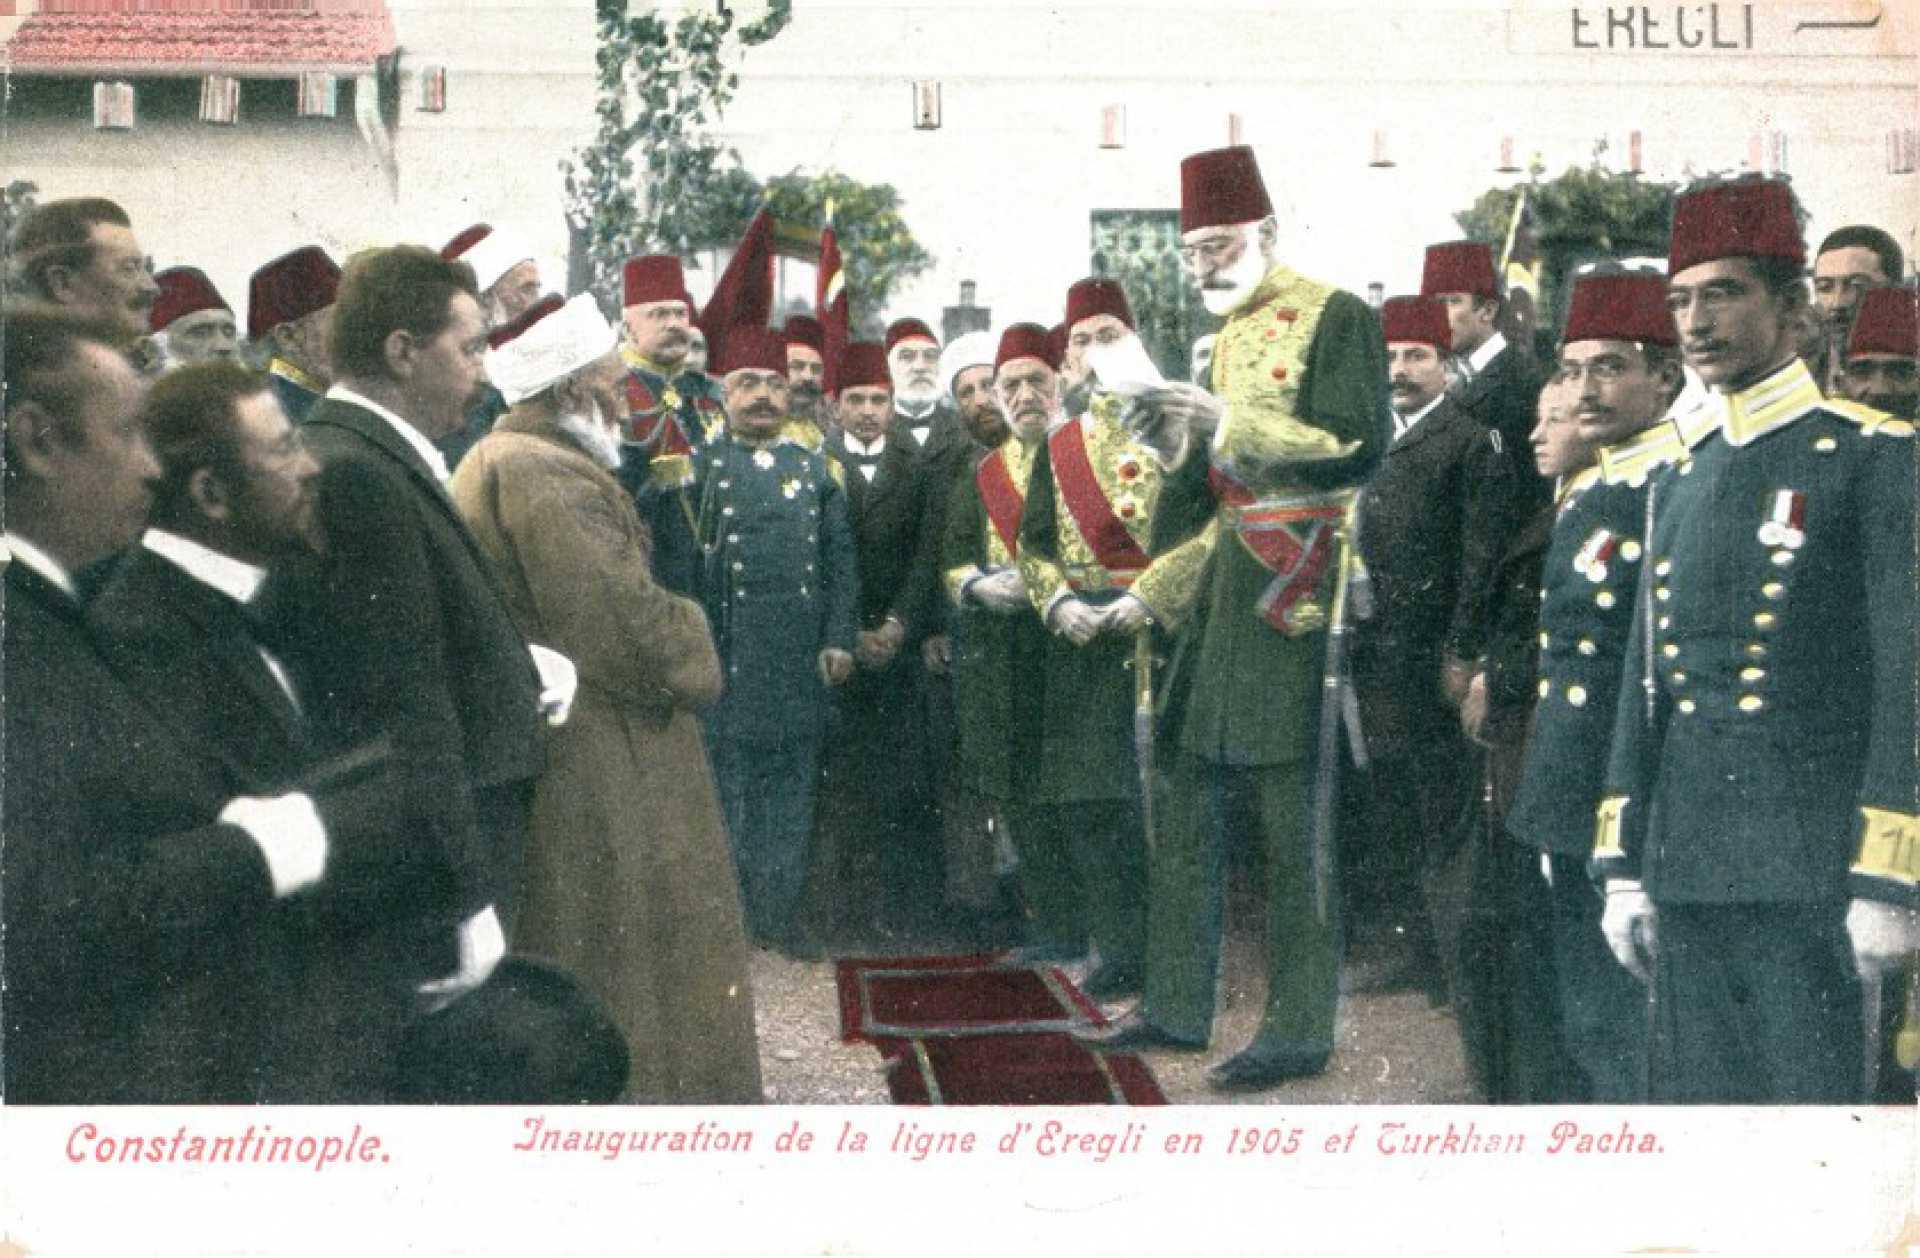 Inaguration de la ligne d'Eregli en 1905 et Turkhan Pacha